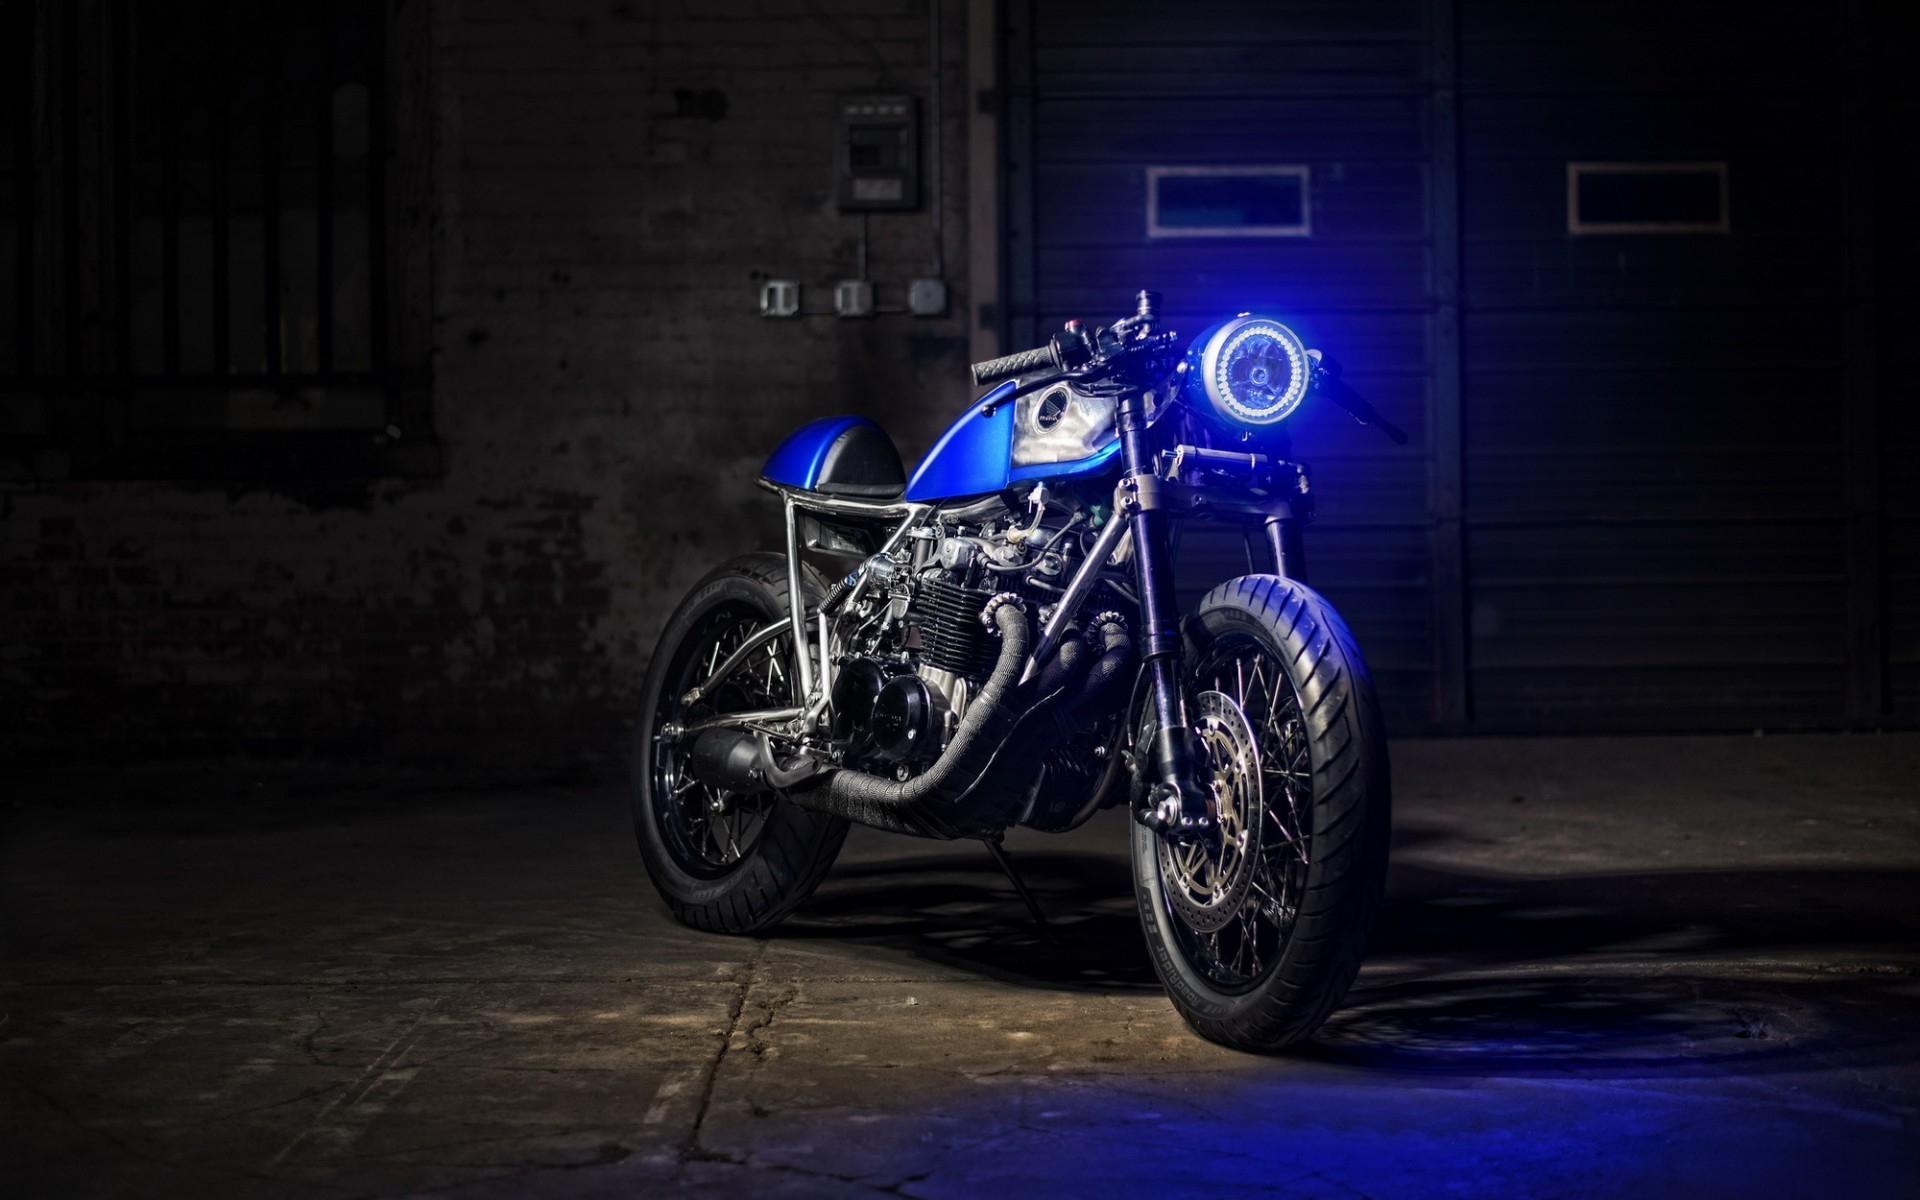 Luxury Lotus Motorcycle Hd Wallpapers And Desktop: Bike Wallpapers 4K